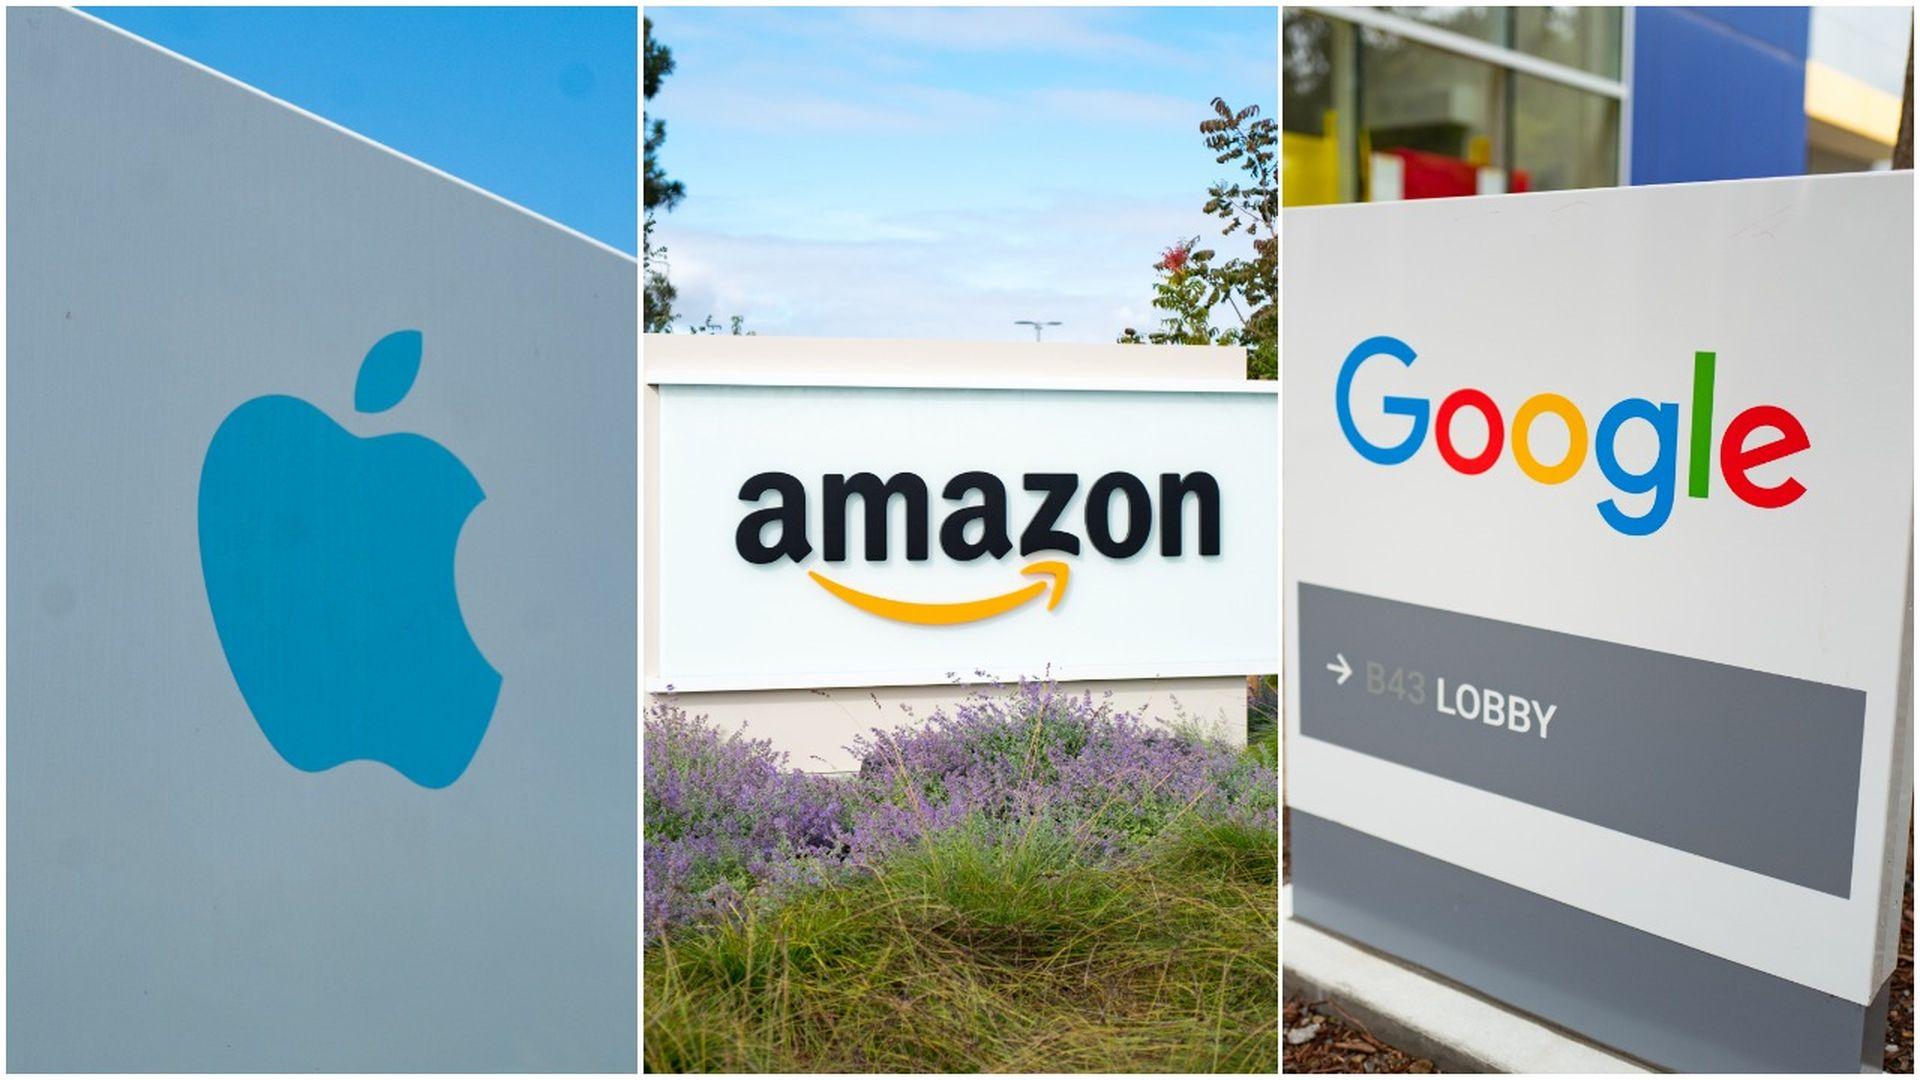 Apple, Amazon and Google's Alphabet headquarters.